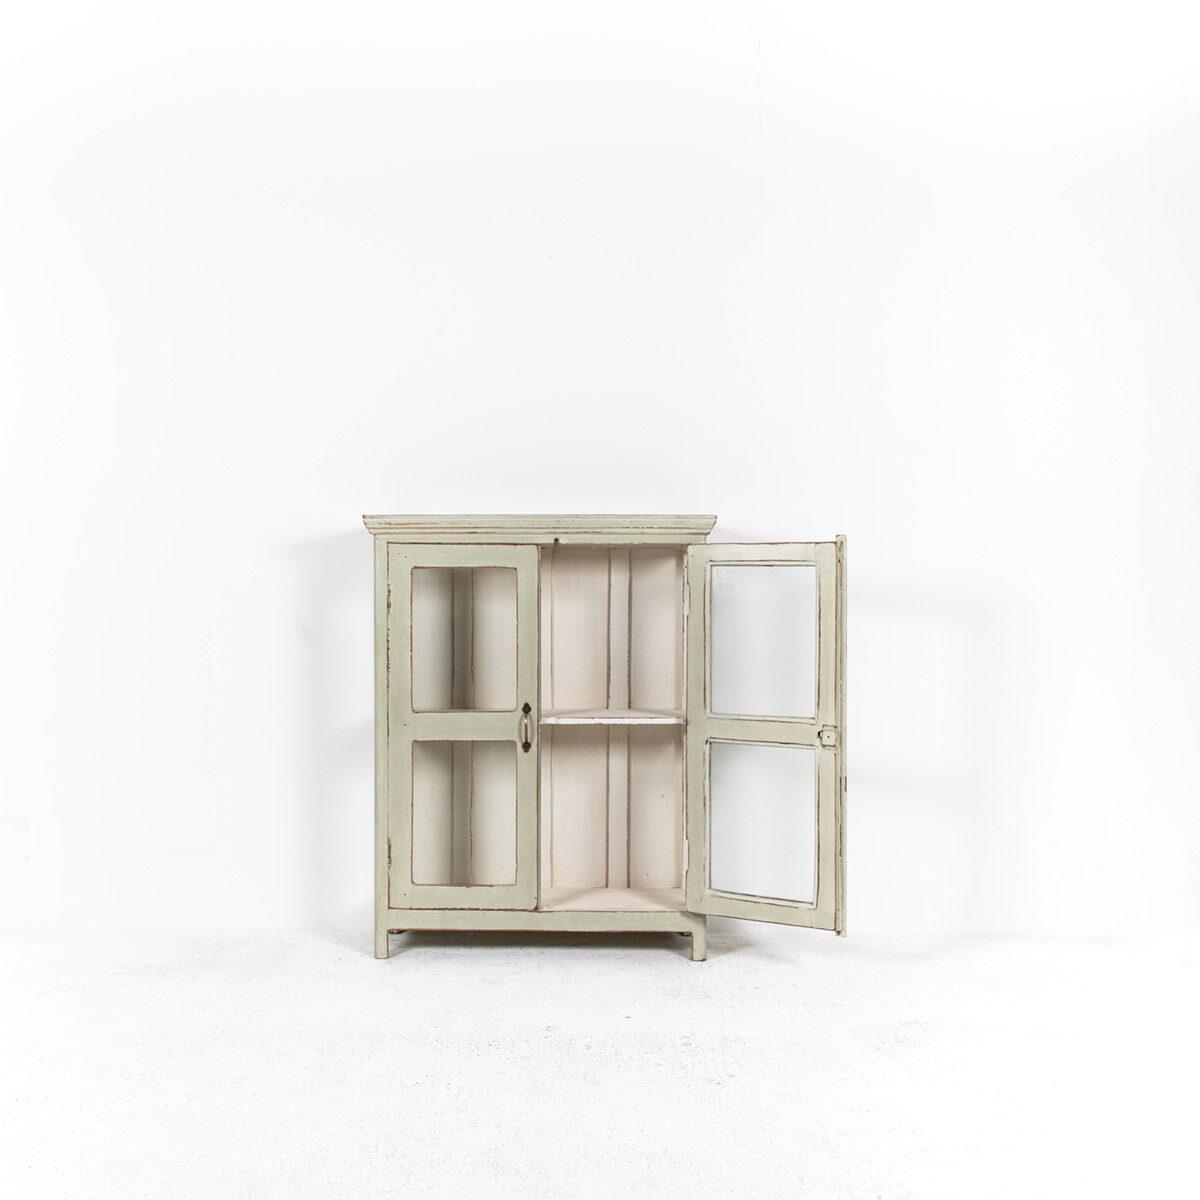 Vitrinekast-2-glazen-deuren-oud-groengrijs-5